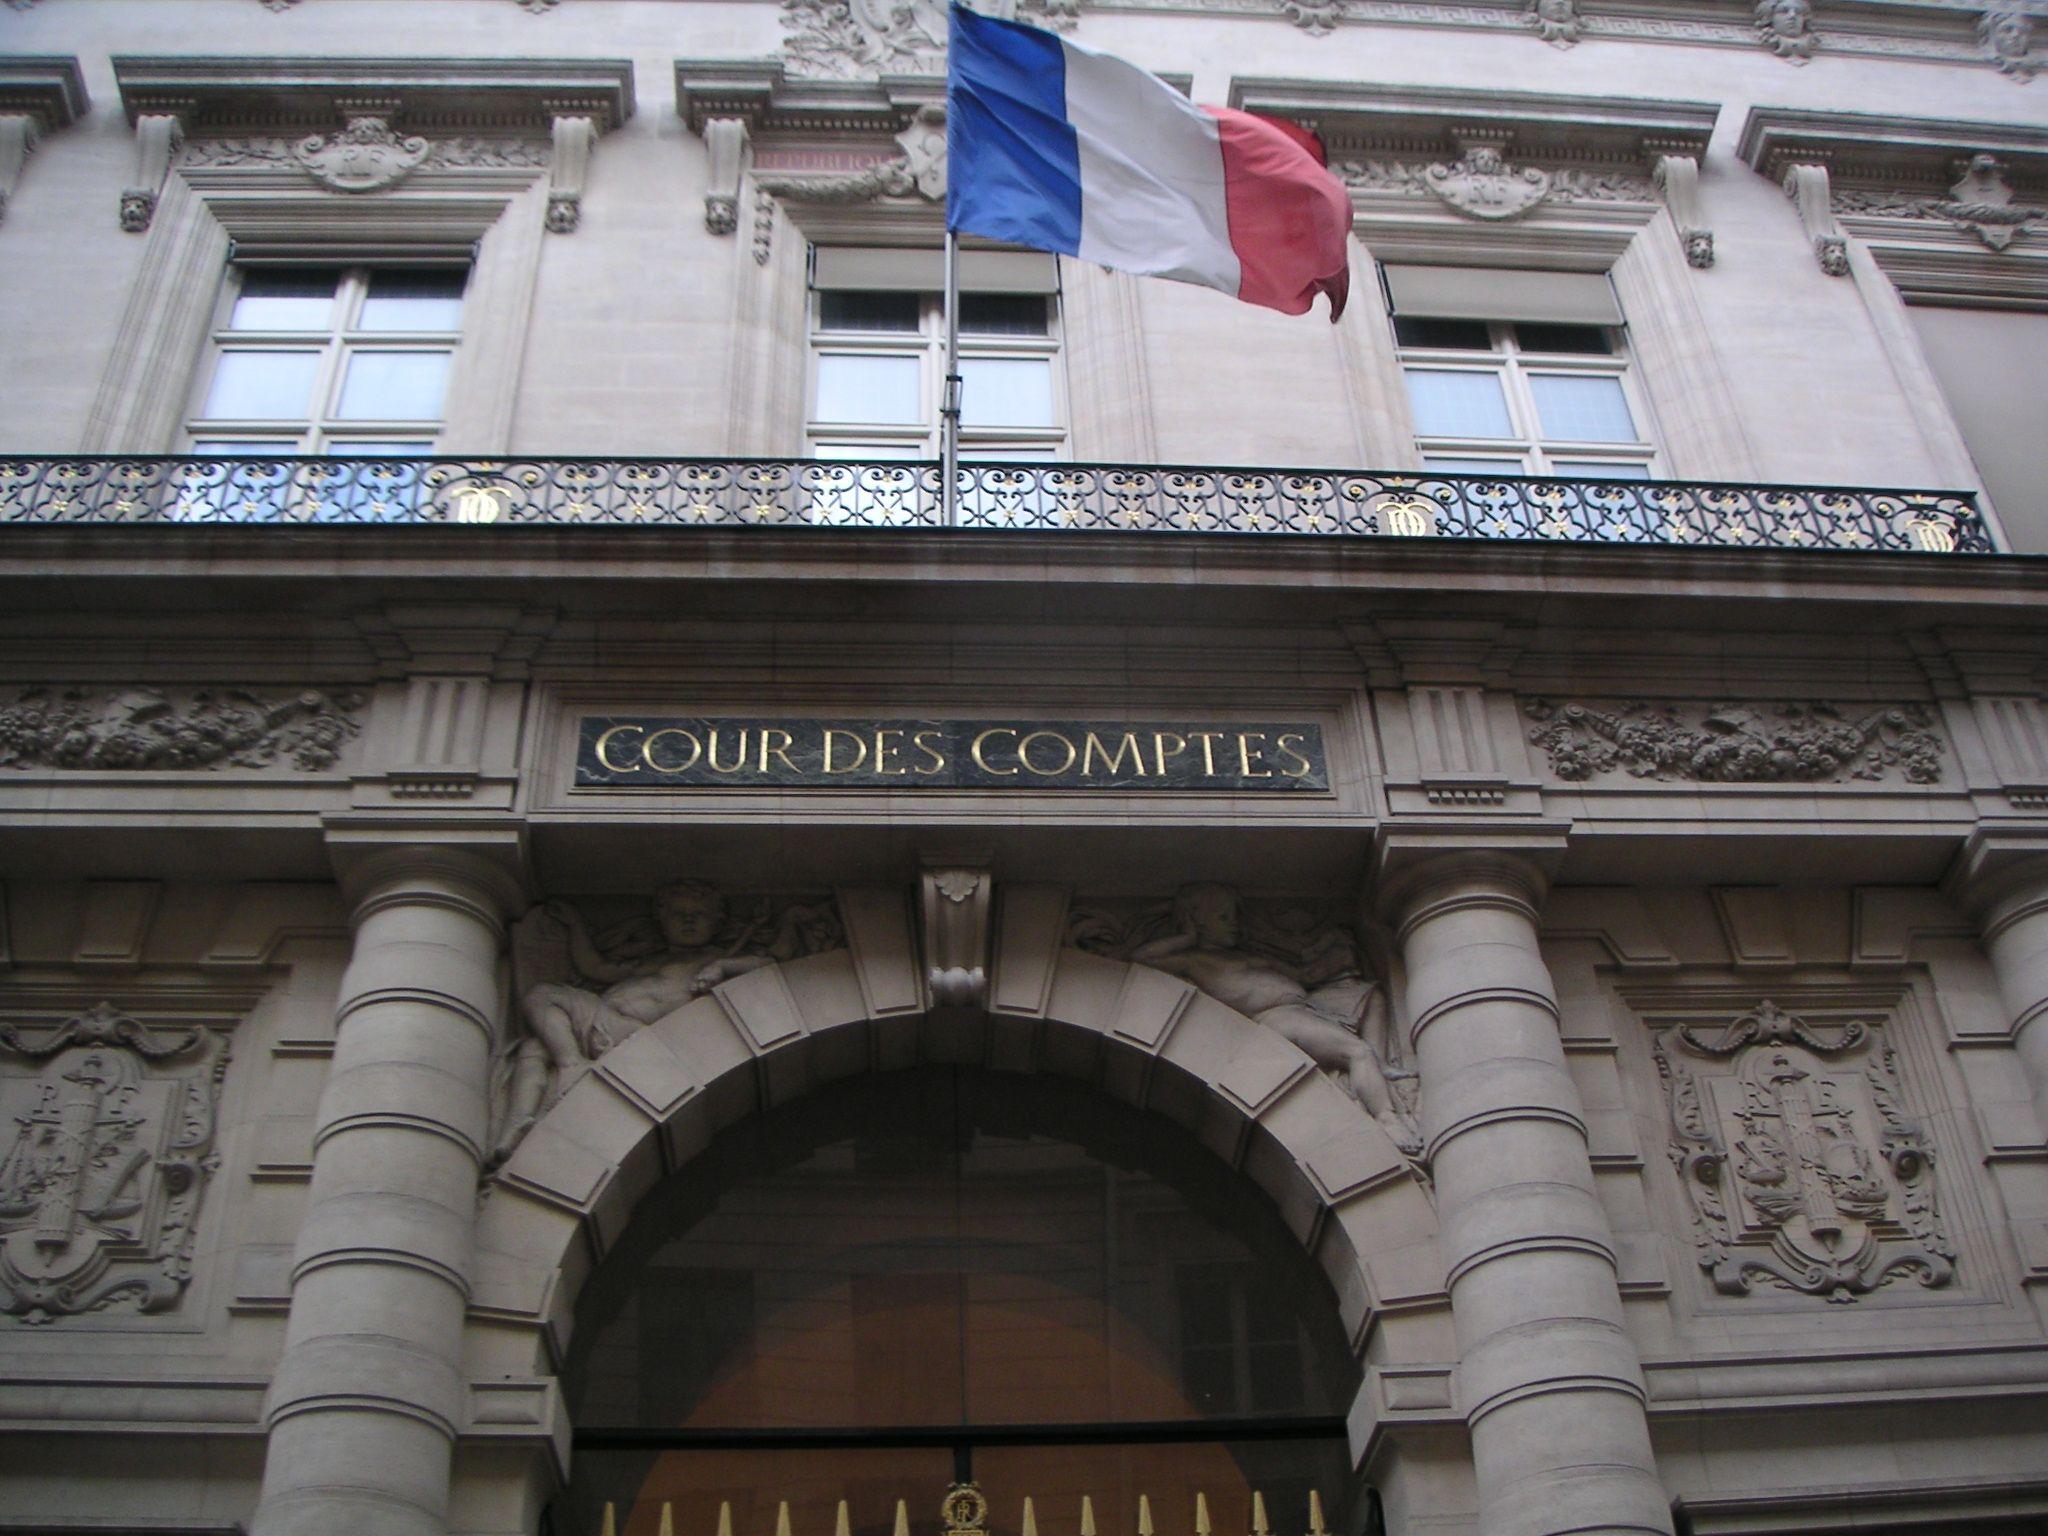 Déficit public : la Cour des comptes se montre pessimiste pour 2017